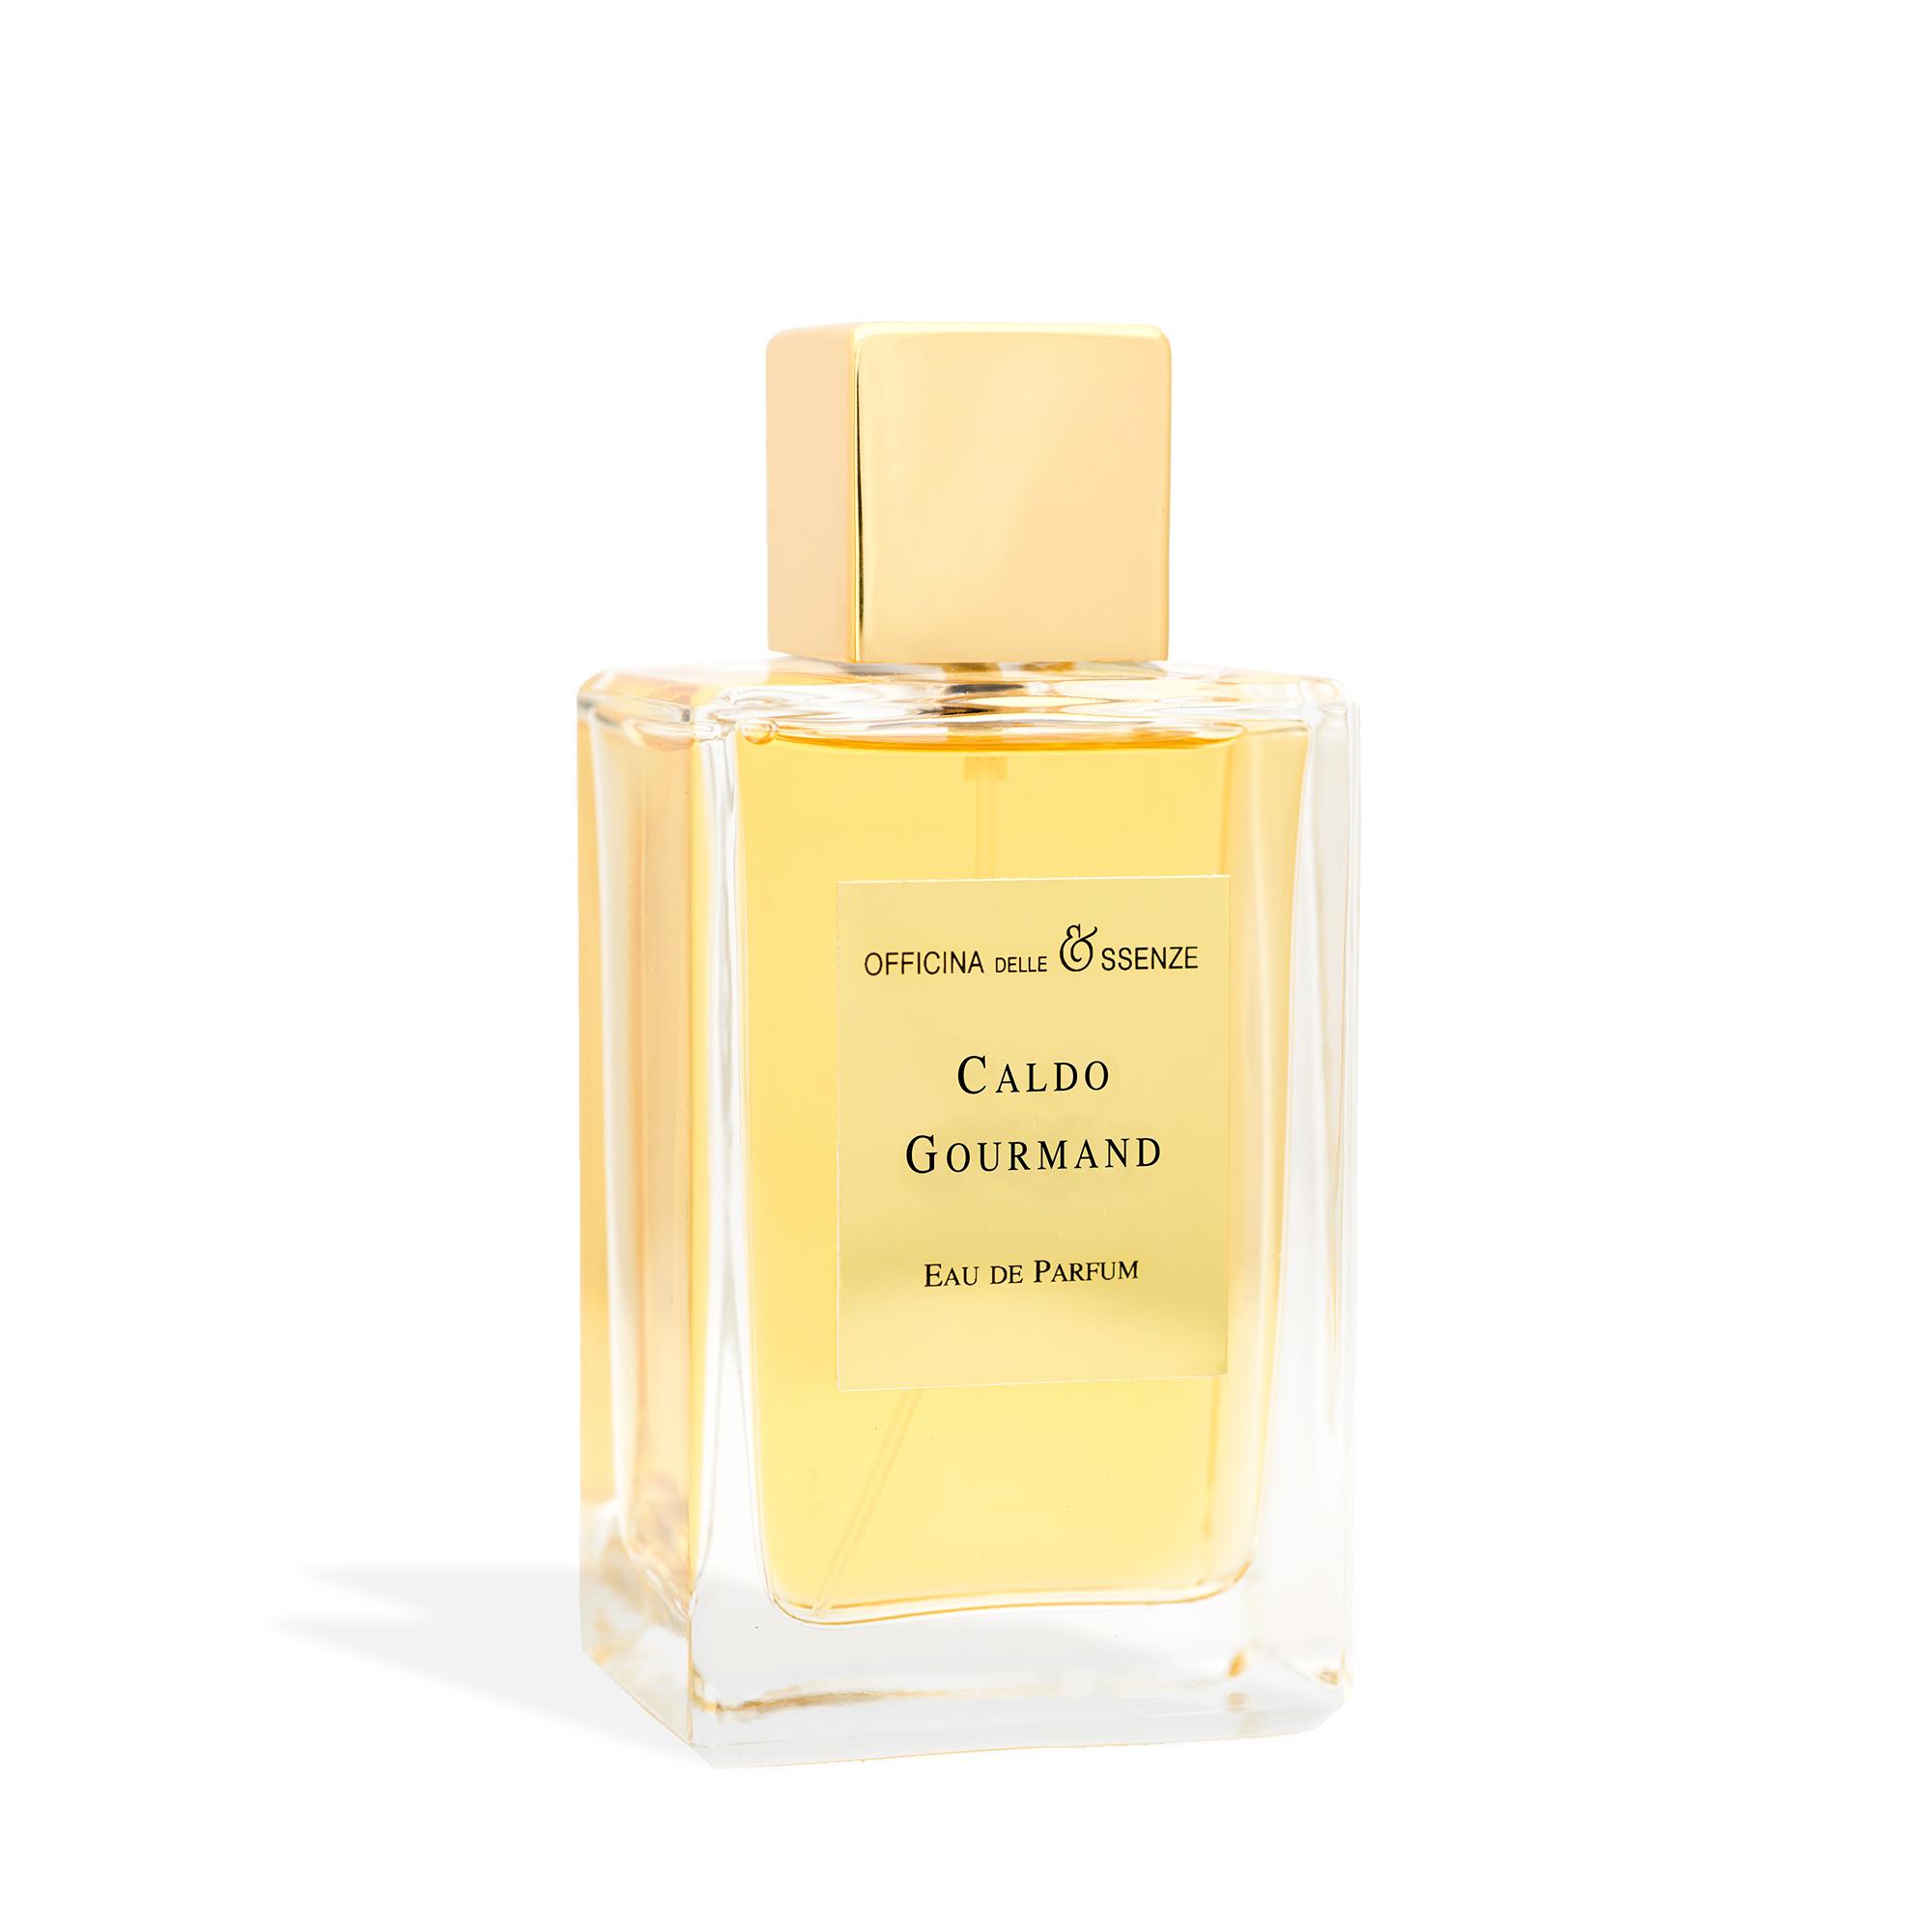 Caldo Gourmand eau de parfum